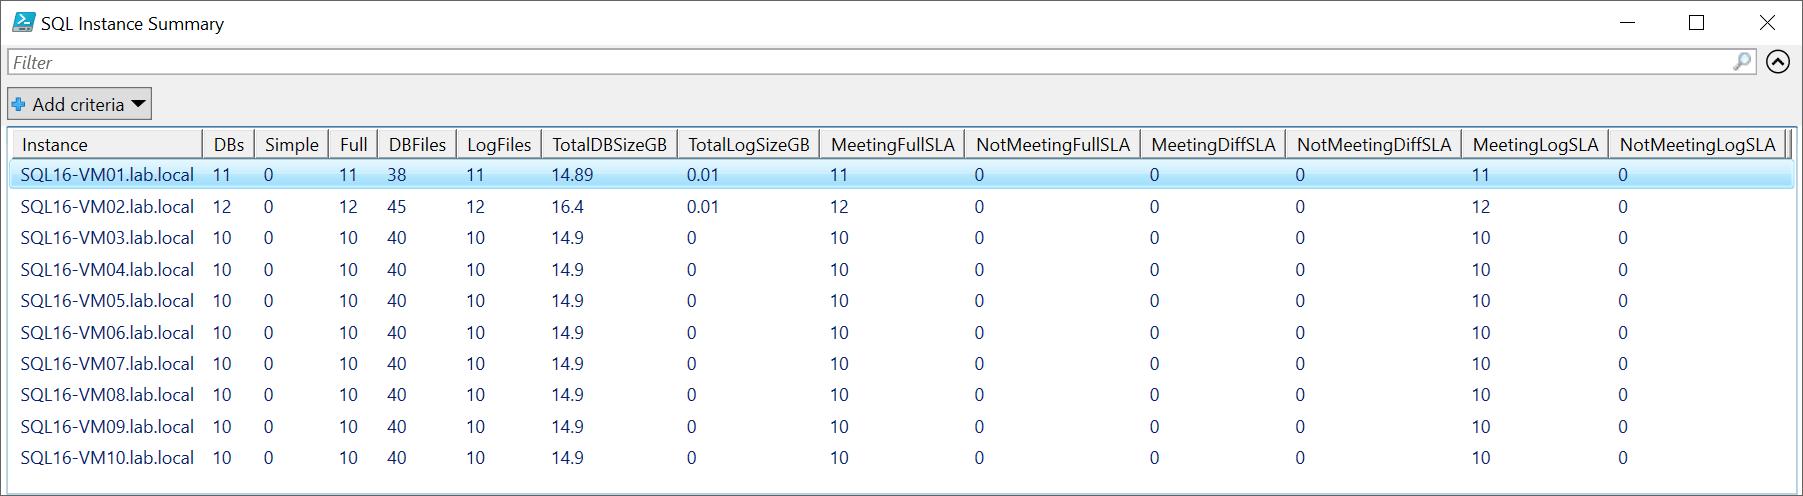 SQLInstanceSummary